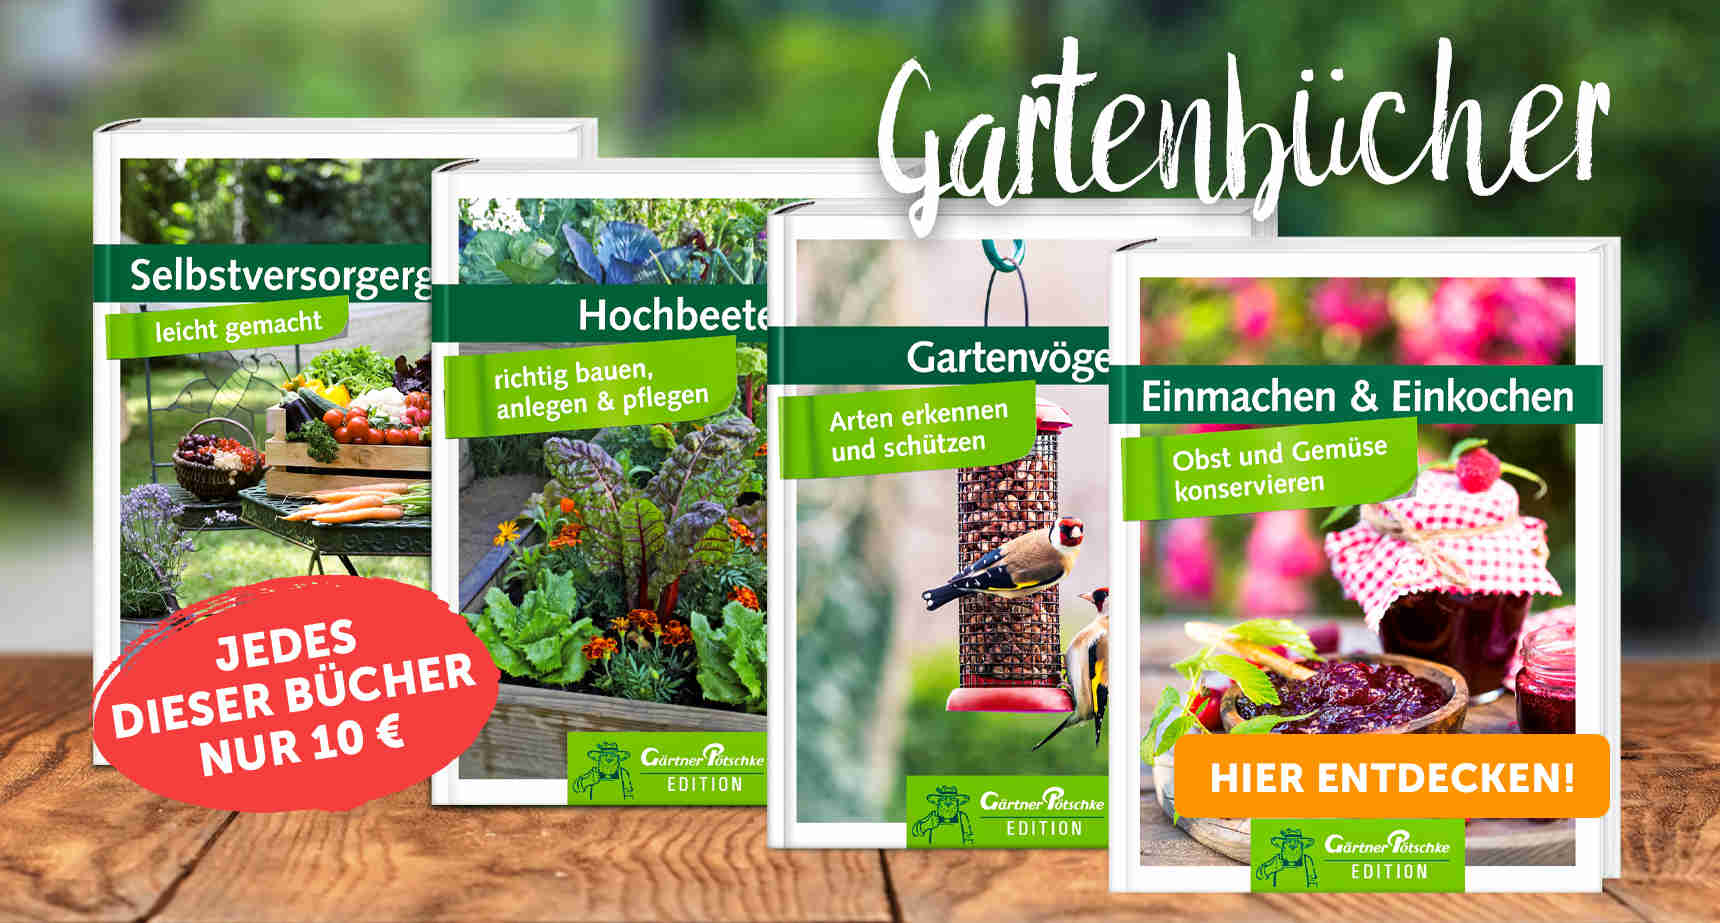 +++ (3) Gartenbücher +++ - 3